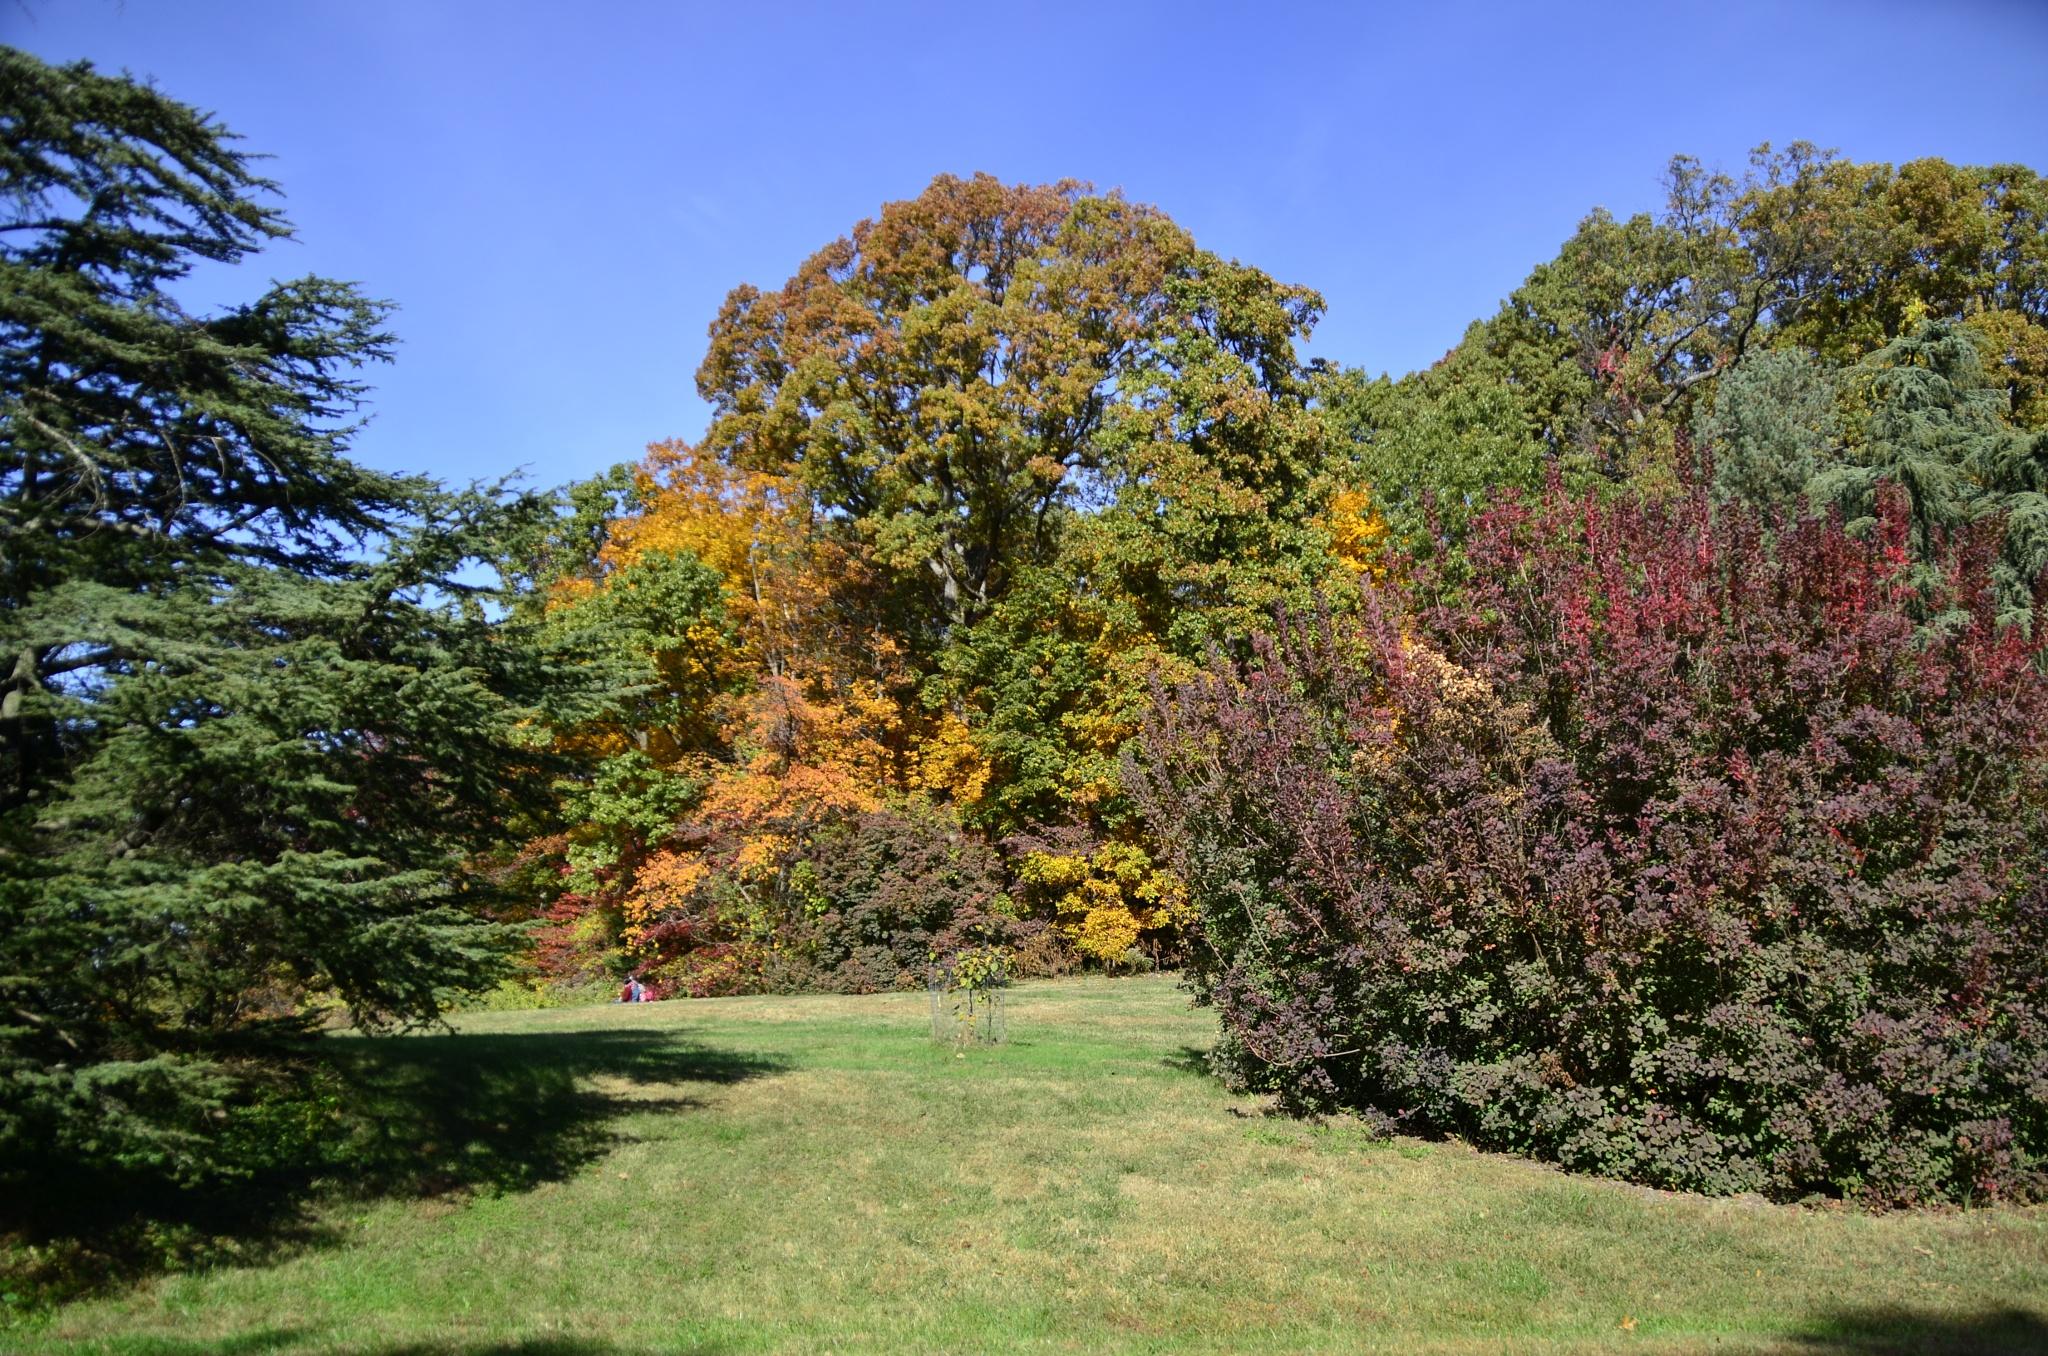 Washington DC National Arboretum  by melvin.waldon